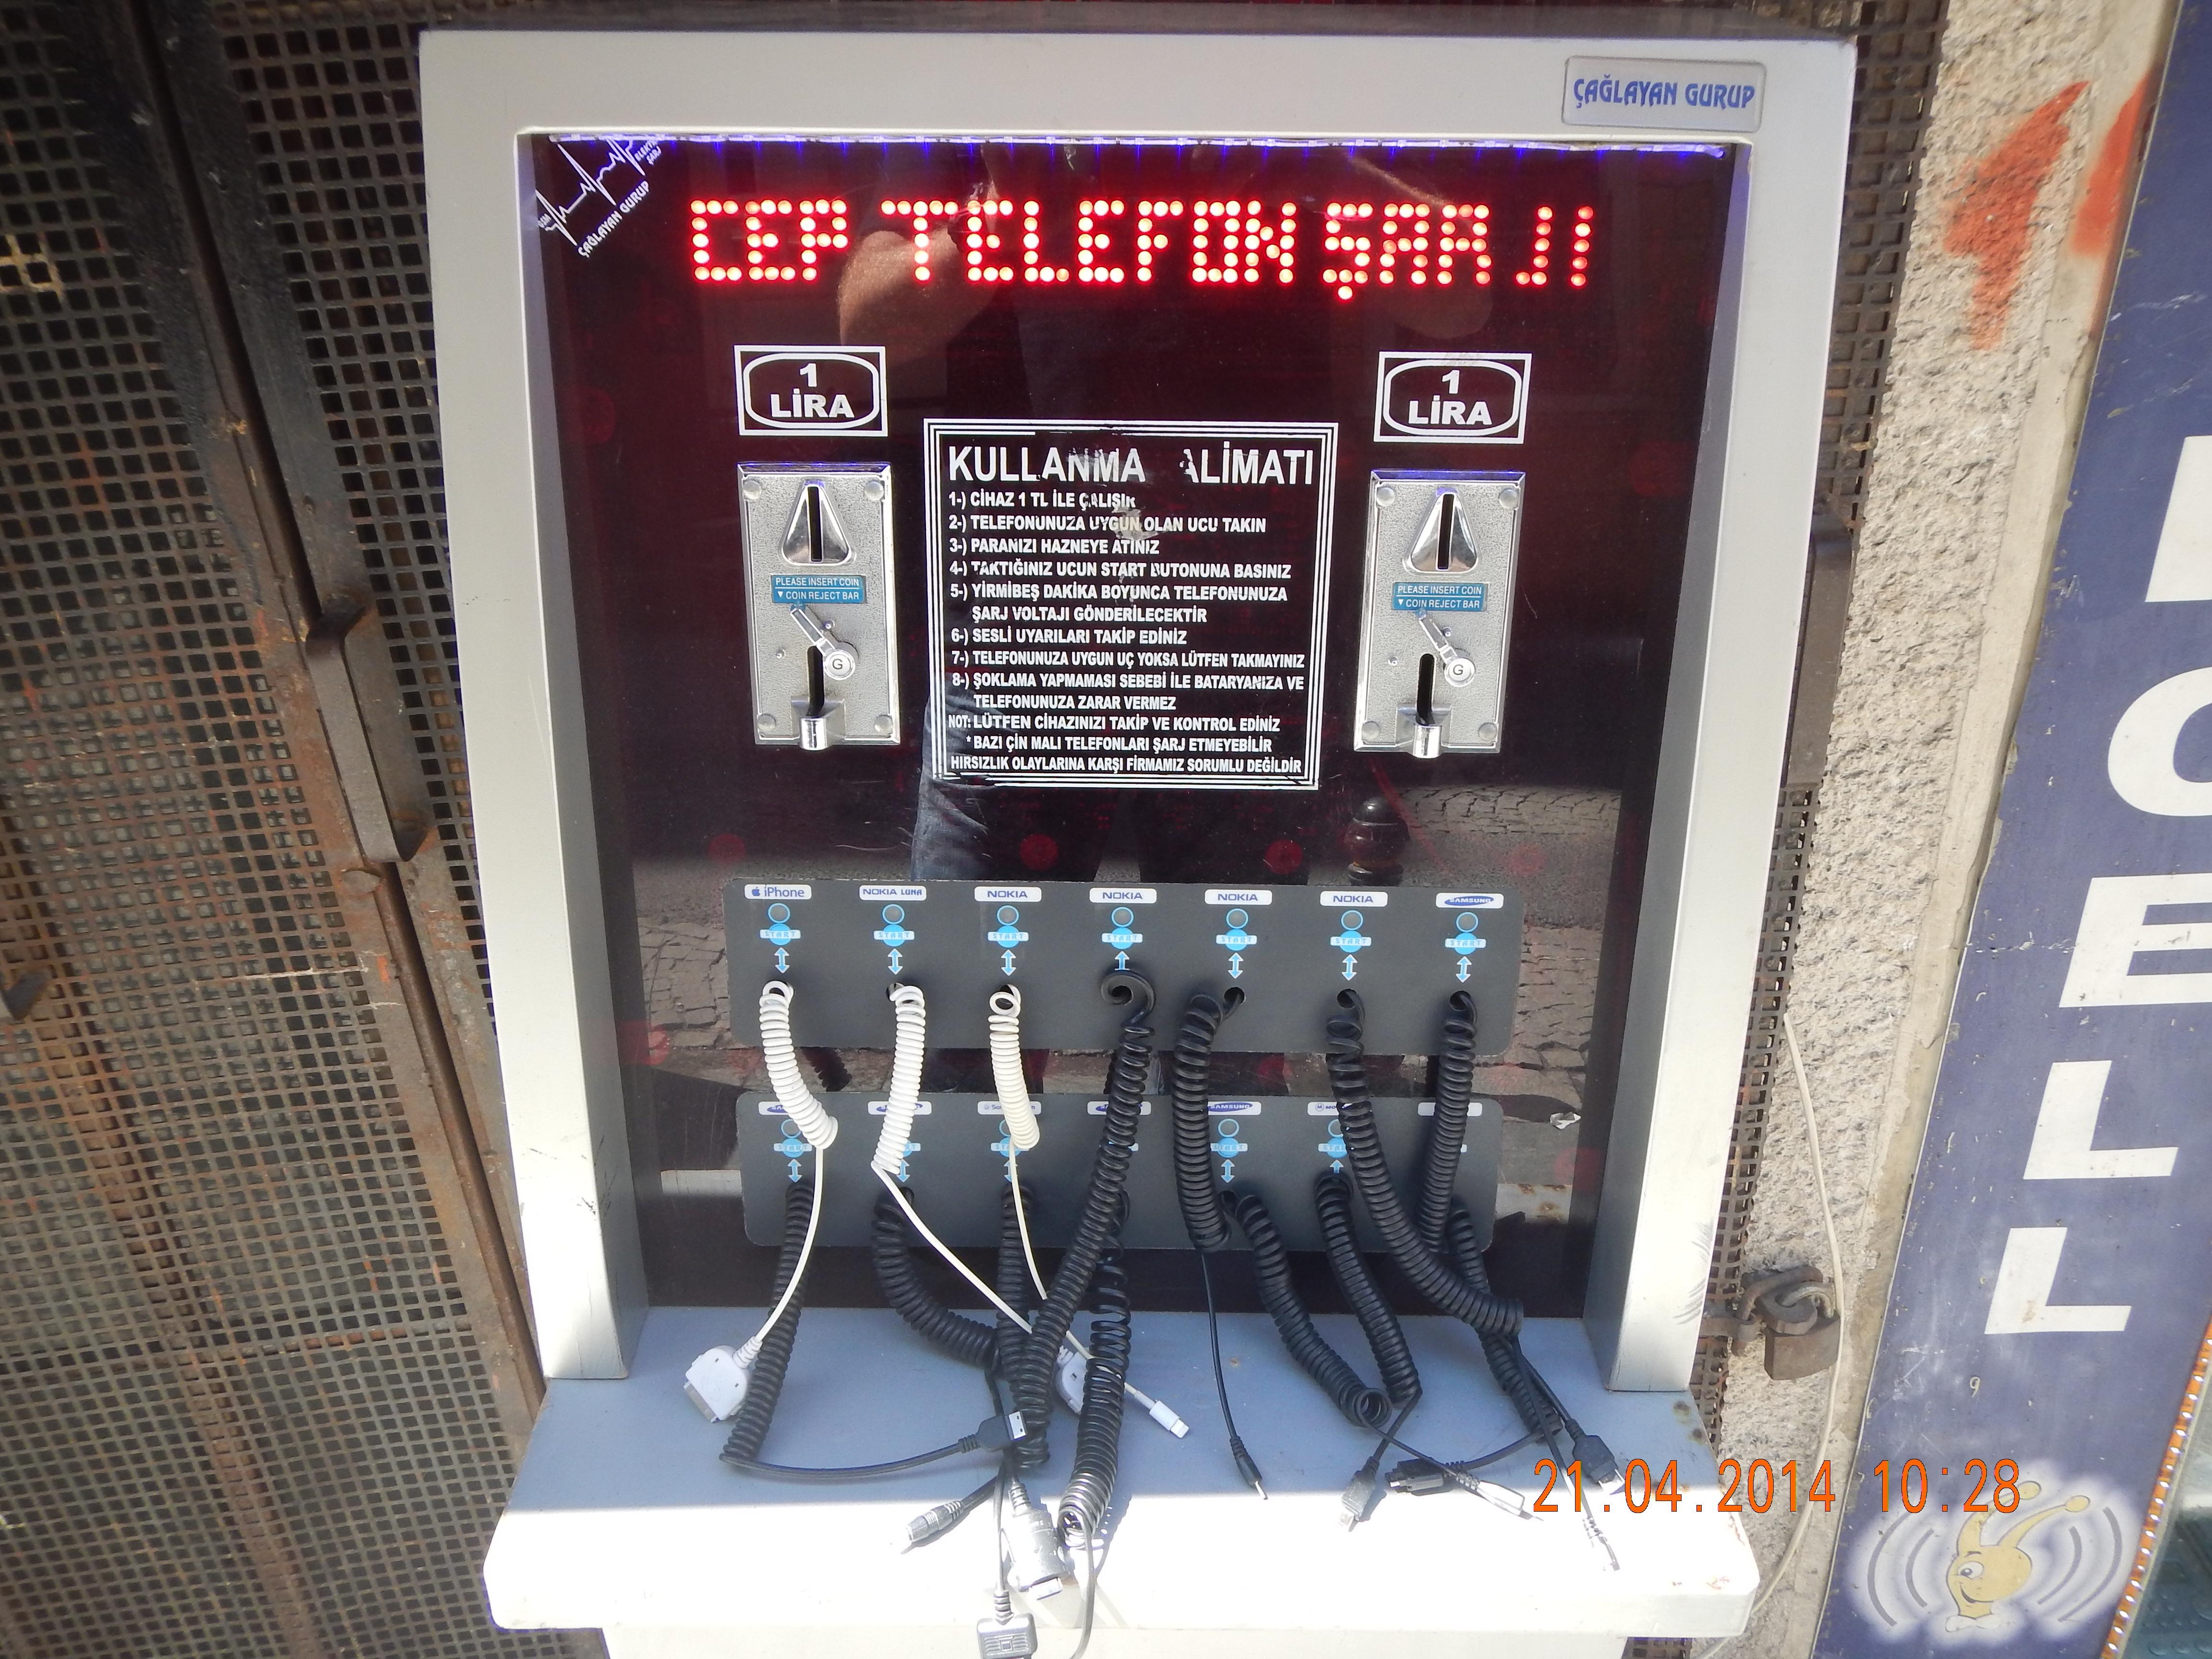 TELEFONLADESTASJON I ISTANBUL